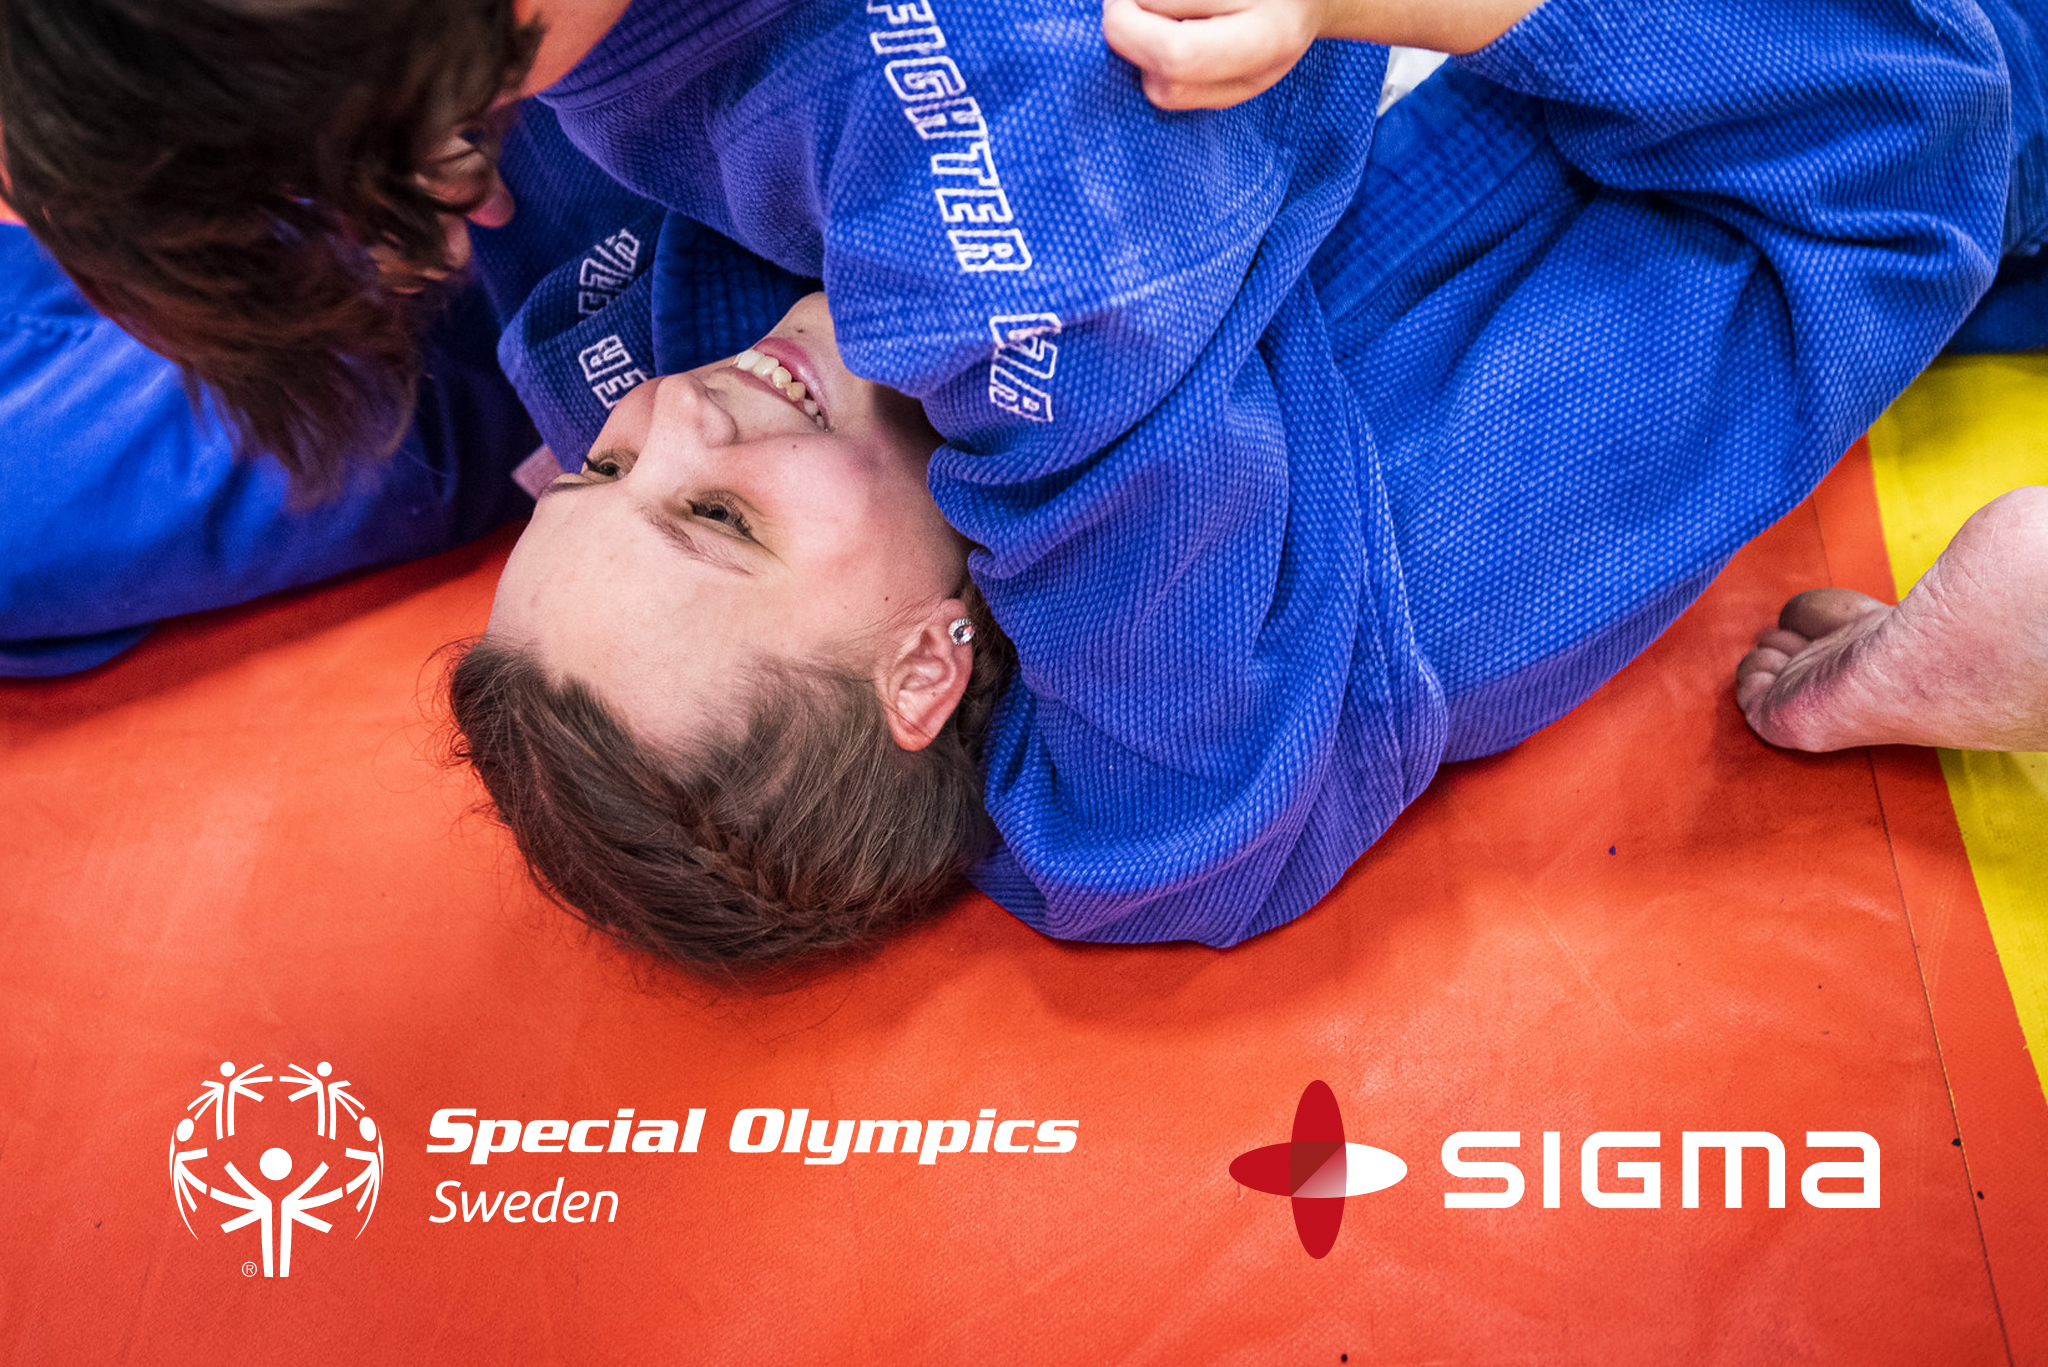 Sigma blir huvudsponsor för Special Olympics Sverige.